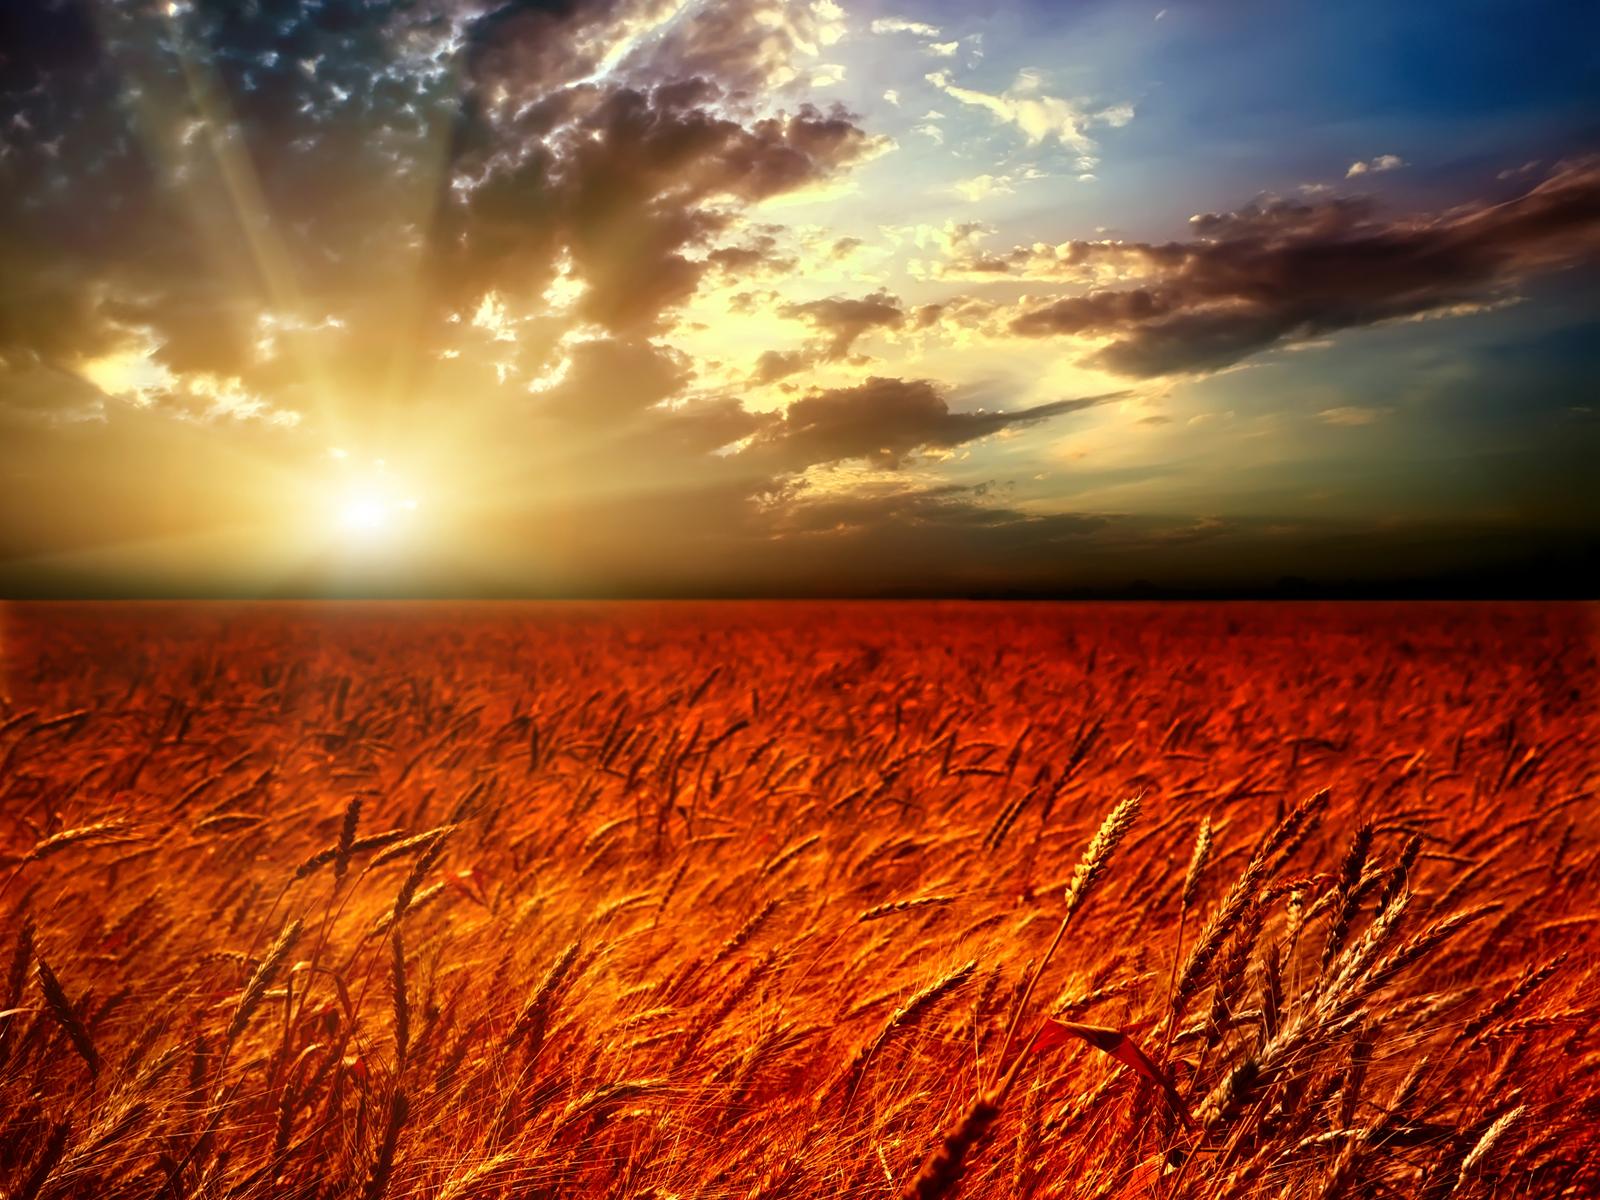 wheat field wallpaper hd